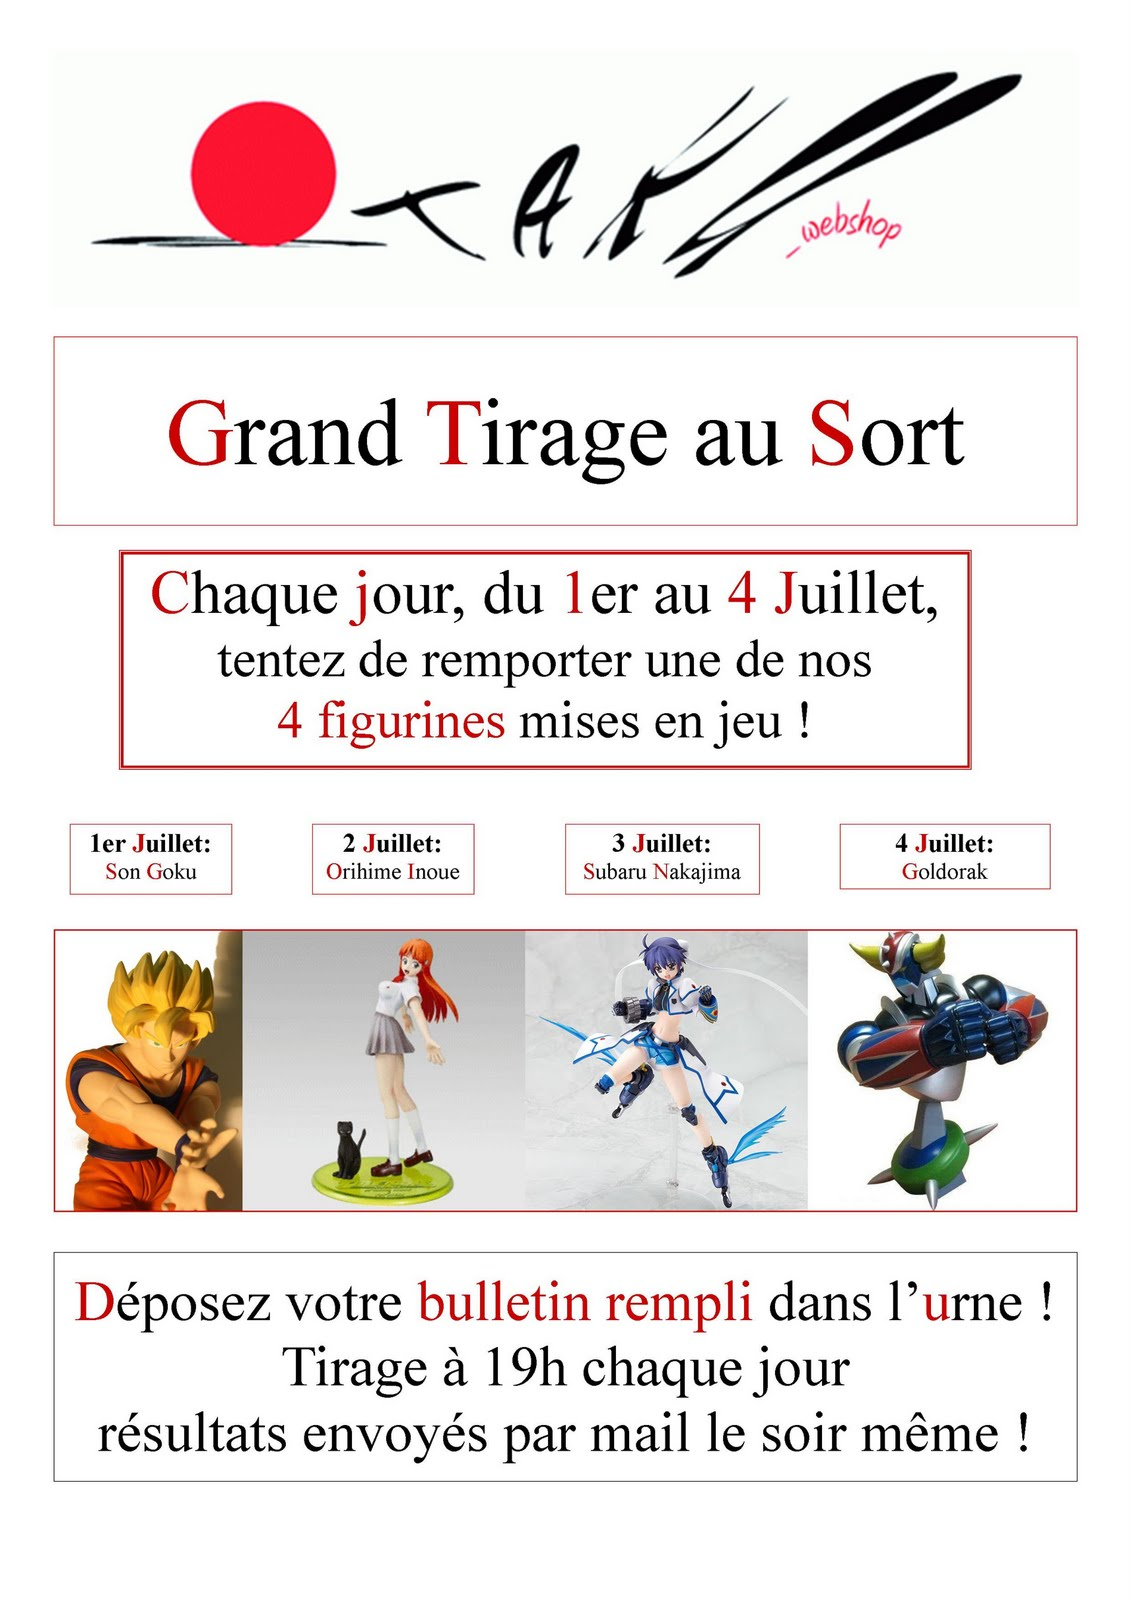 Otaku weblog des figurines gagner japan expo - Tirage au sort cadeau de noel ...